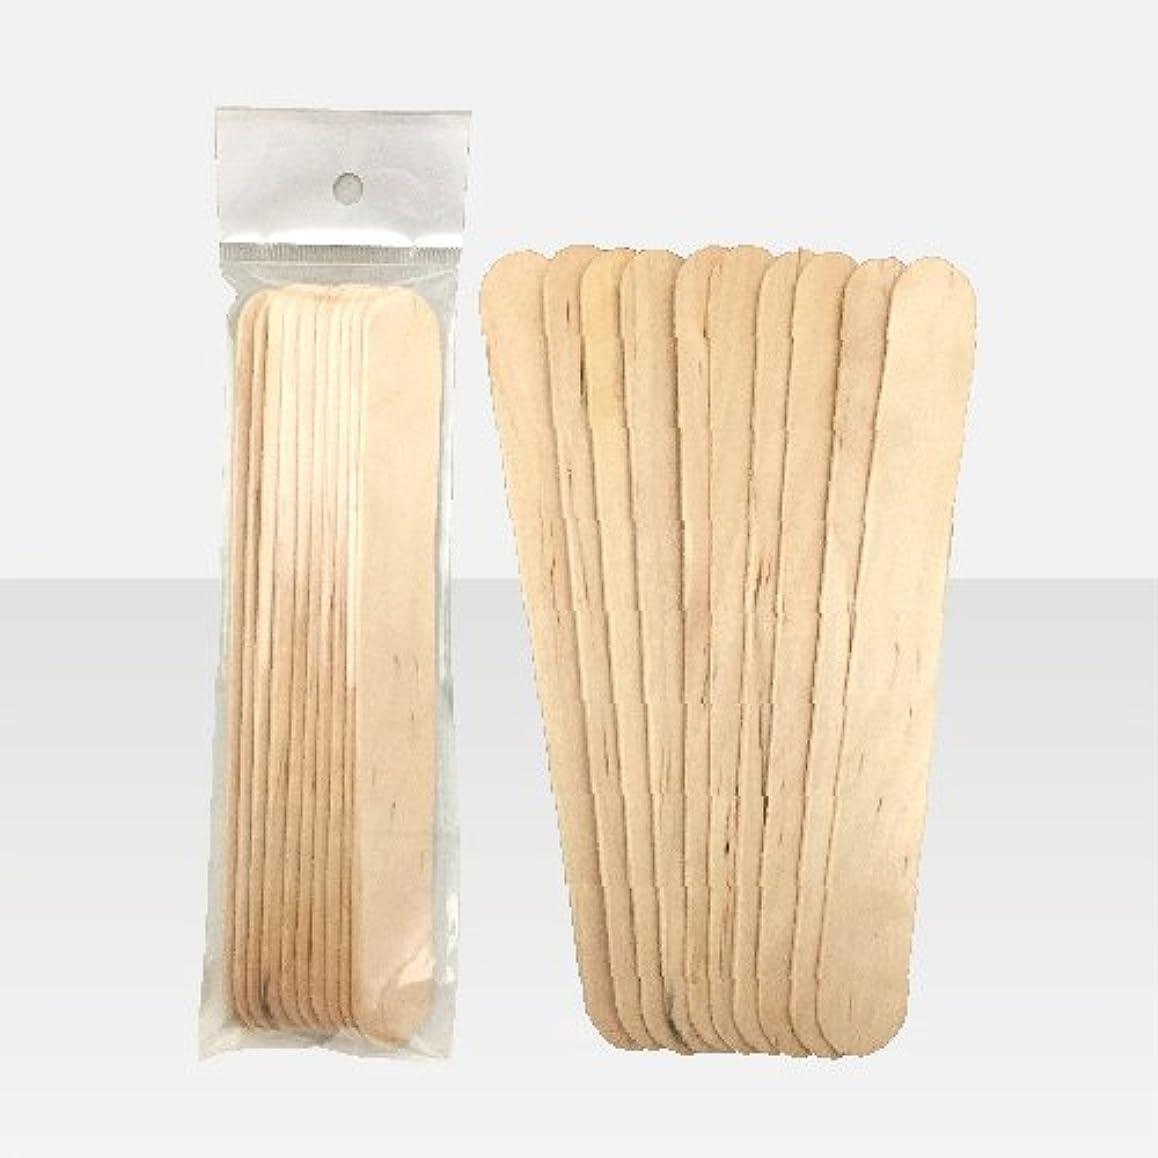 誇りハンディキャップ致命的ブラジリアンワックス 脱毛ワックス用  ワックススパチュラ 木ベラ /10本セット Mサイズ